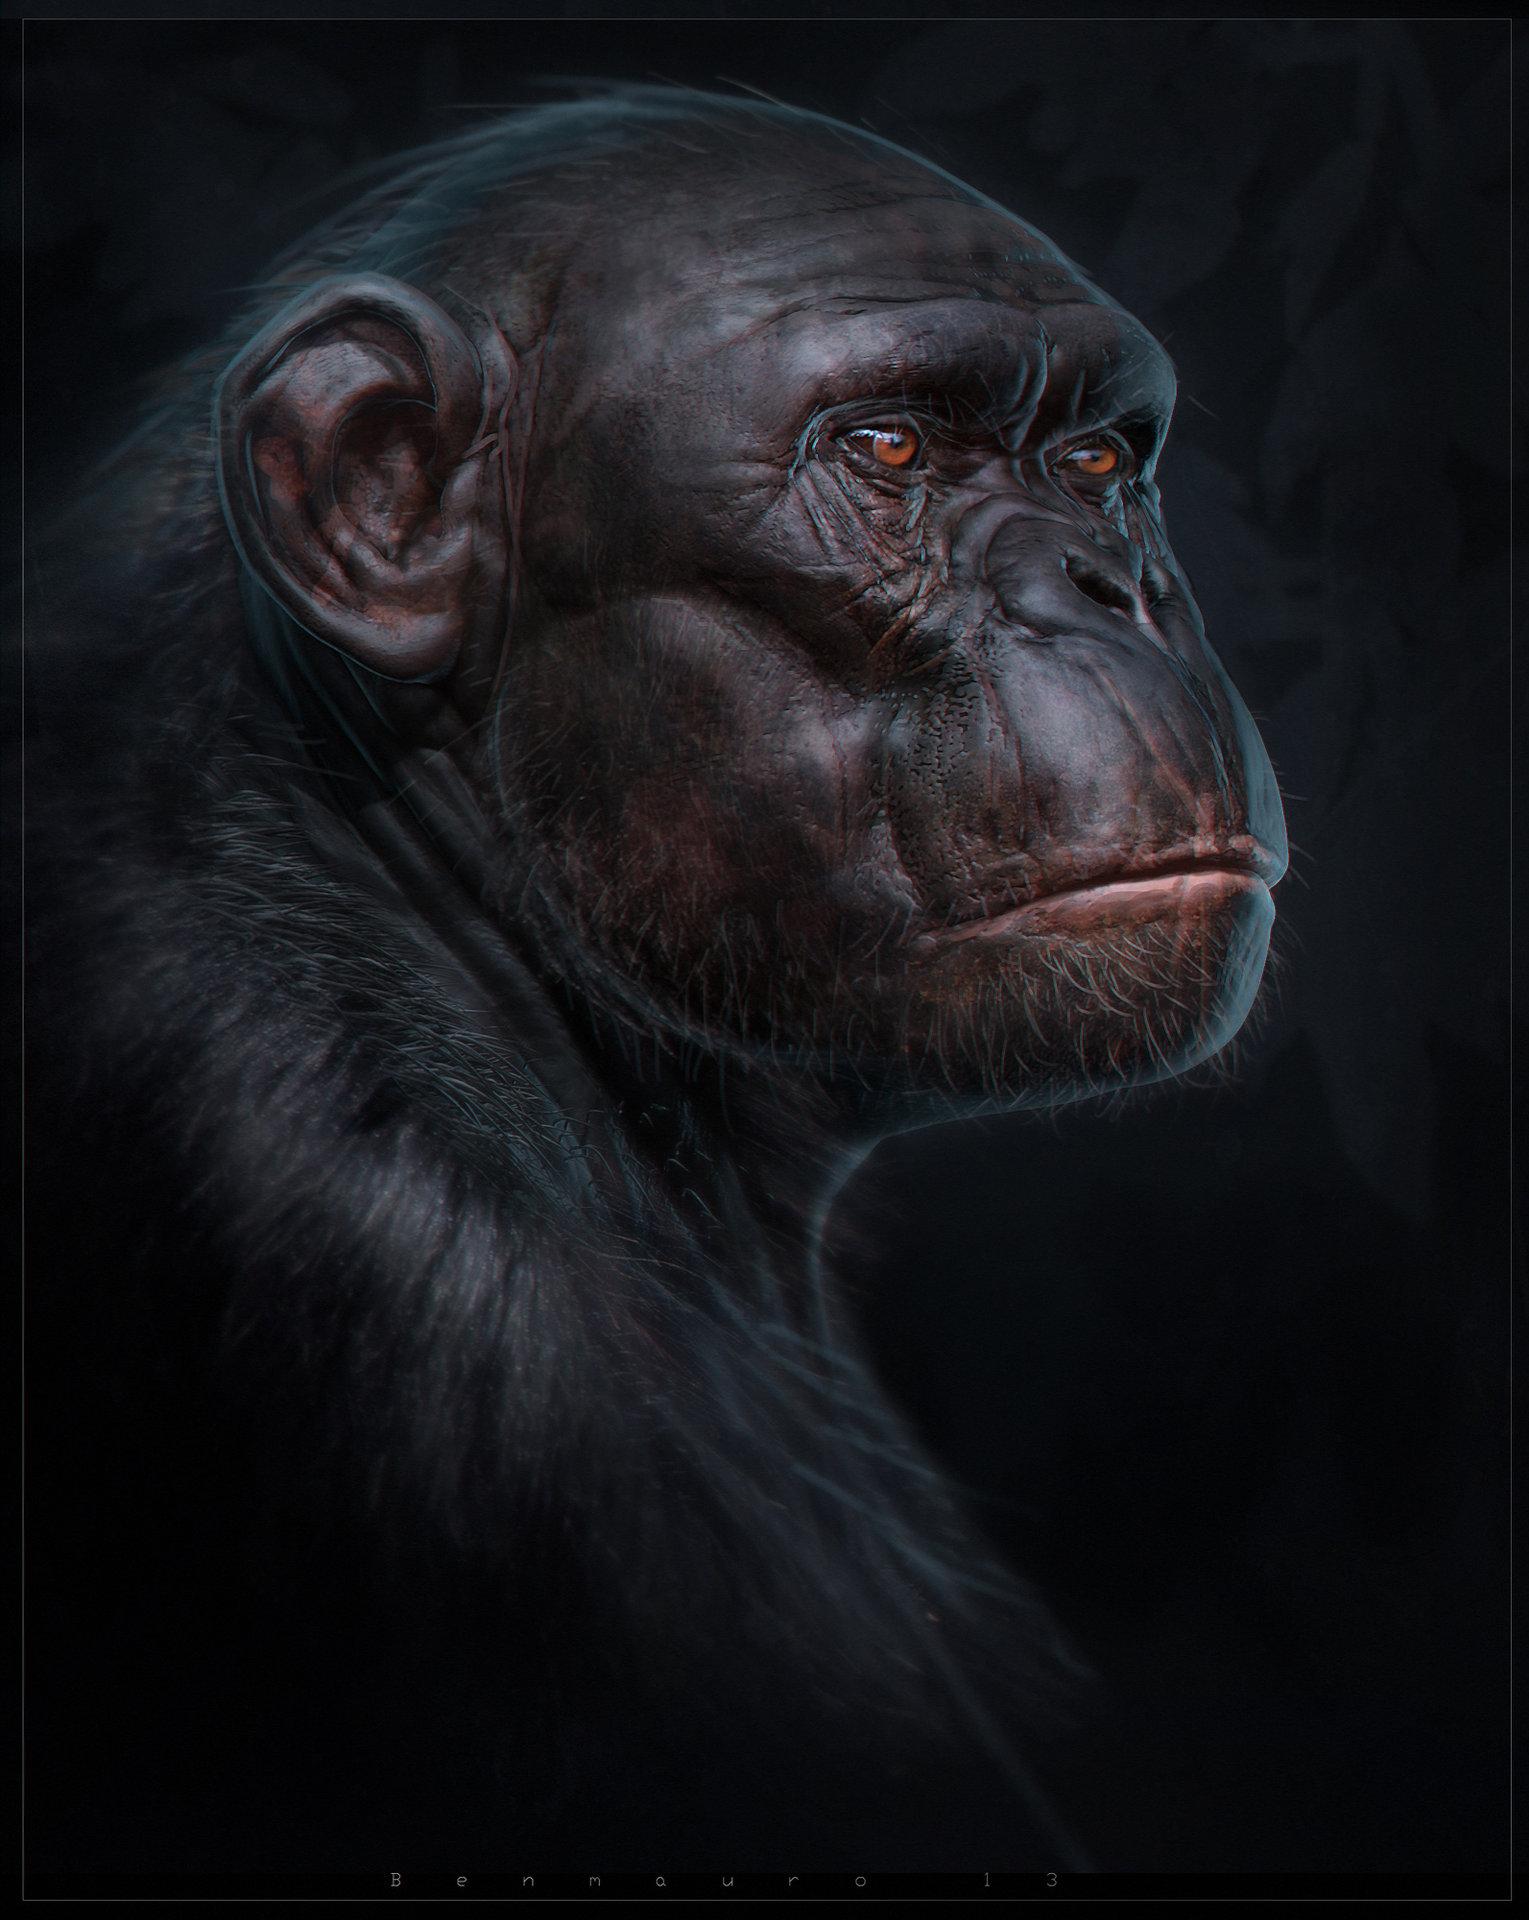 Ben mauro benmauro chimptutorial o o